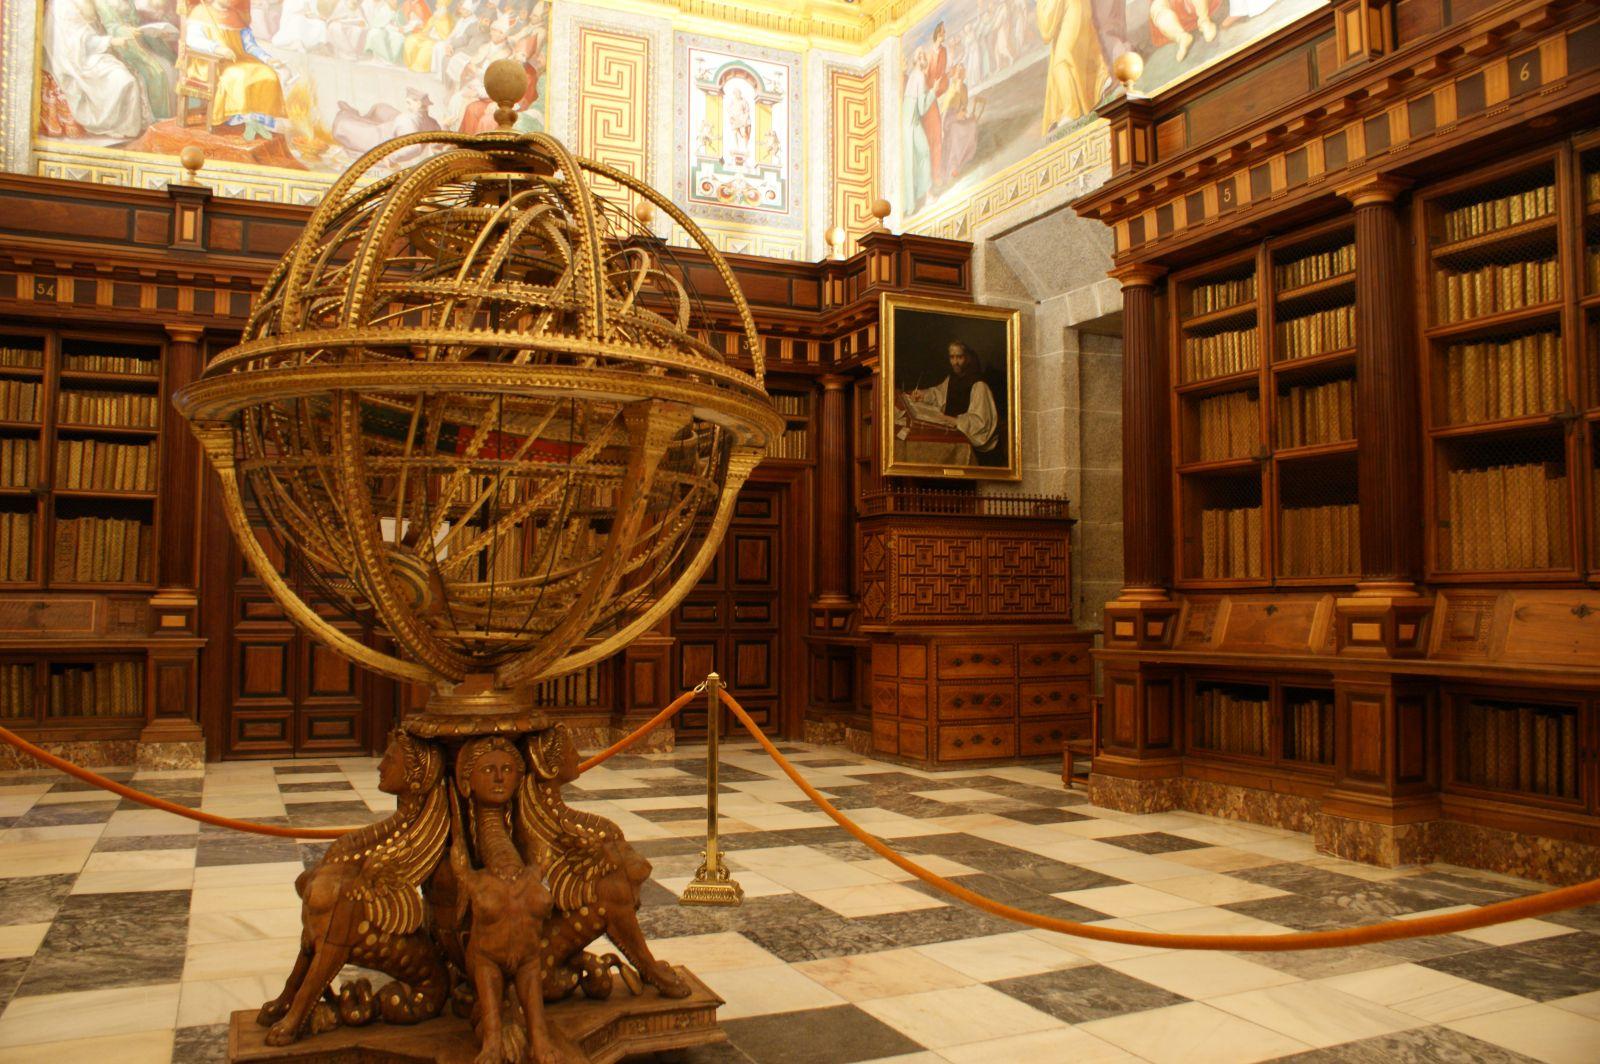 Biblioteca, 2.JPG